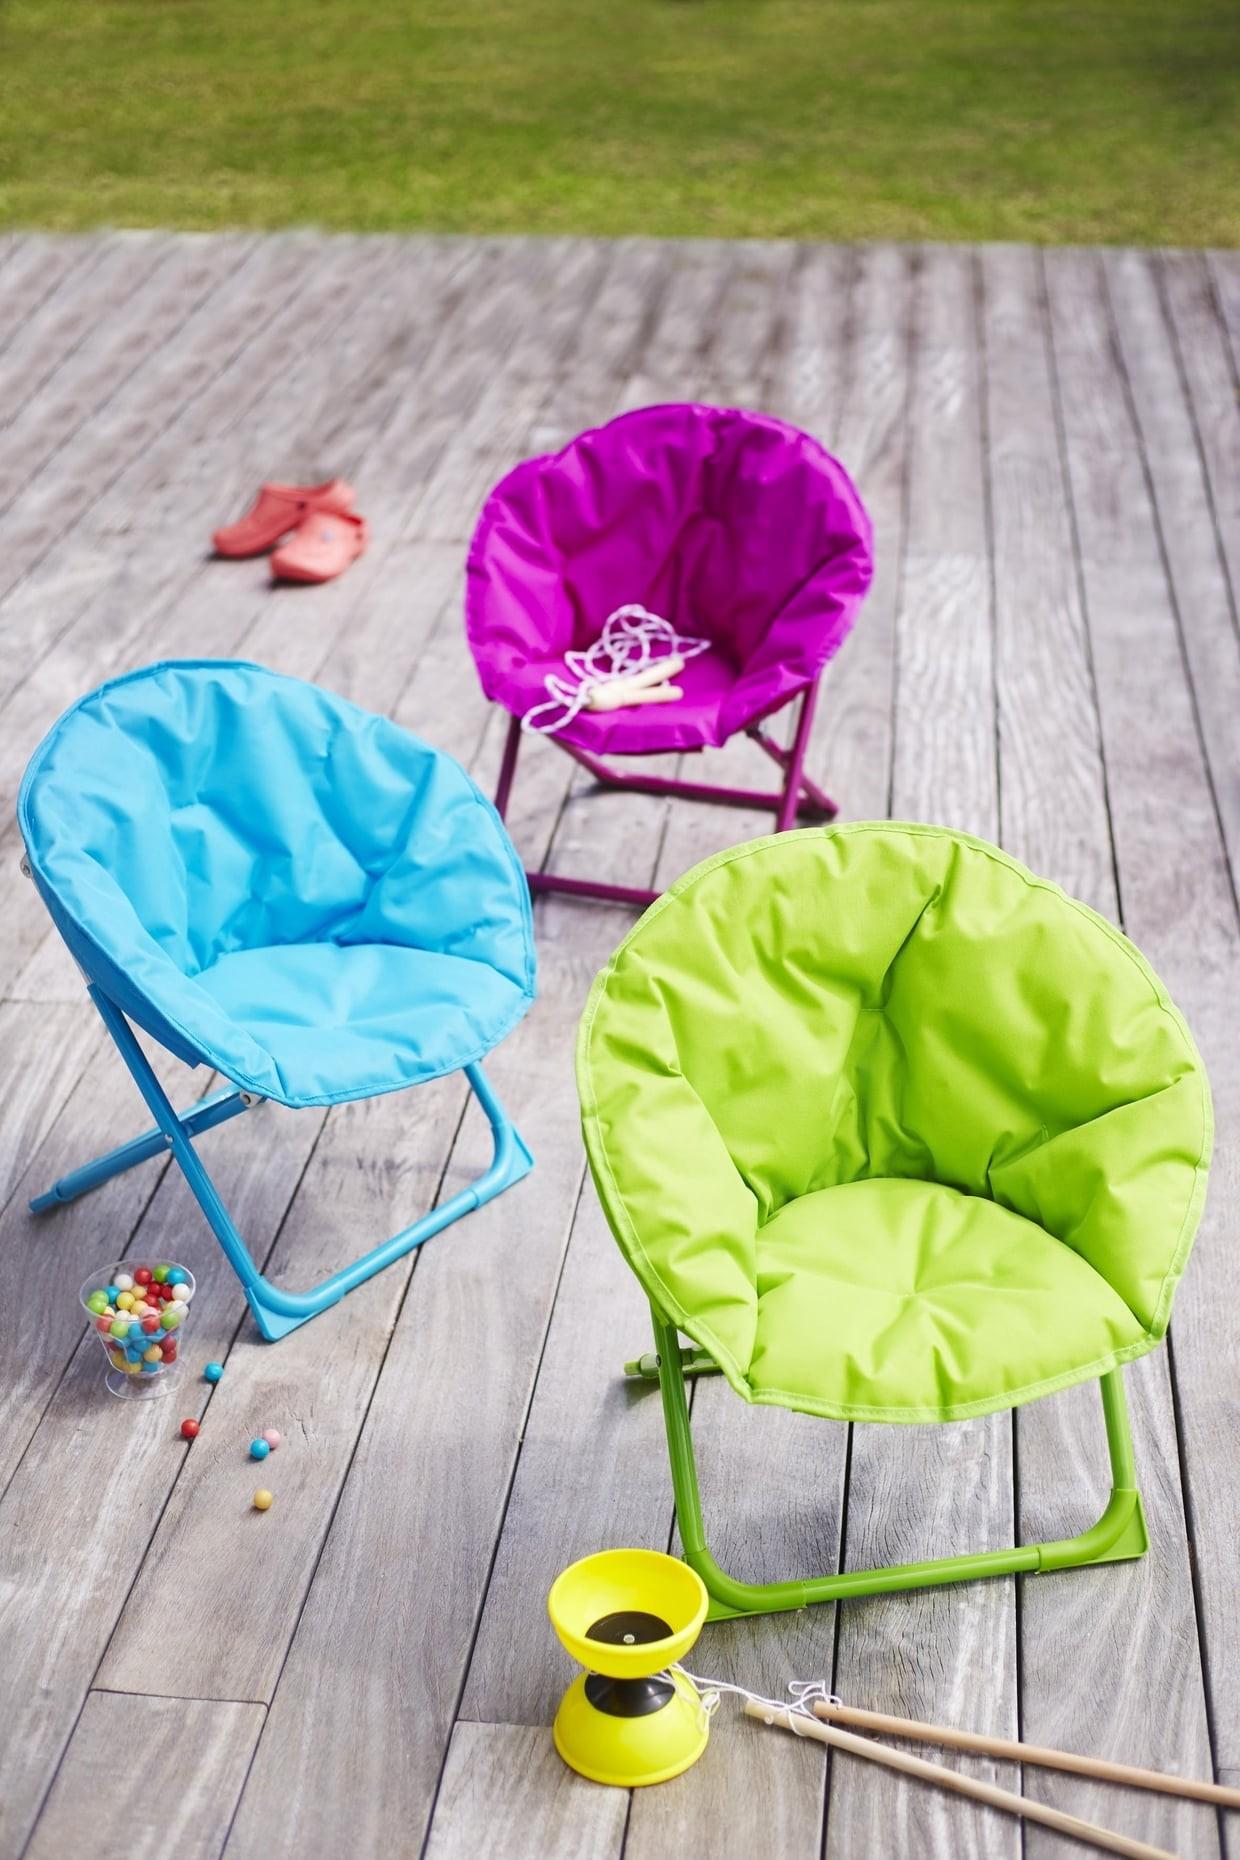 Gifi Housse De Clic Clac Meilleur De Image Admiré Table De Jardin Gifi De Plus Incroyable Extérieur Modes Idées